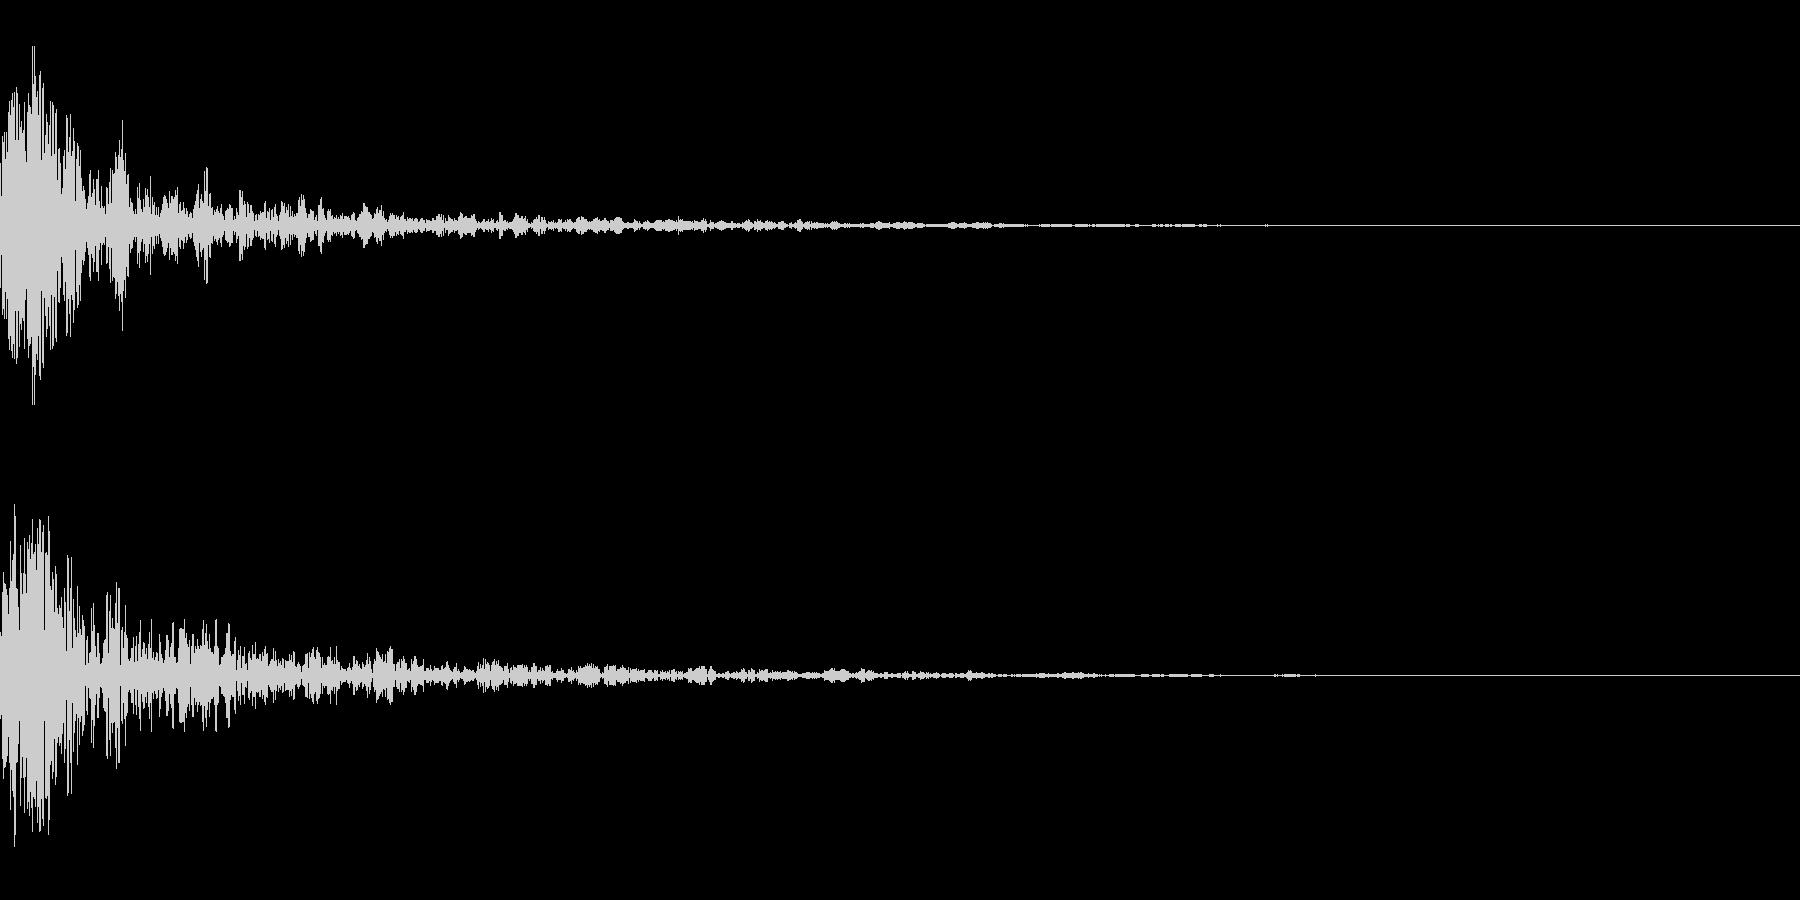 ドーン-53-1(インパクト音)の未再生の波形